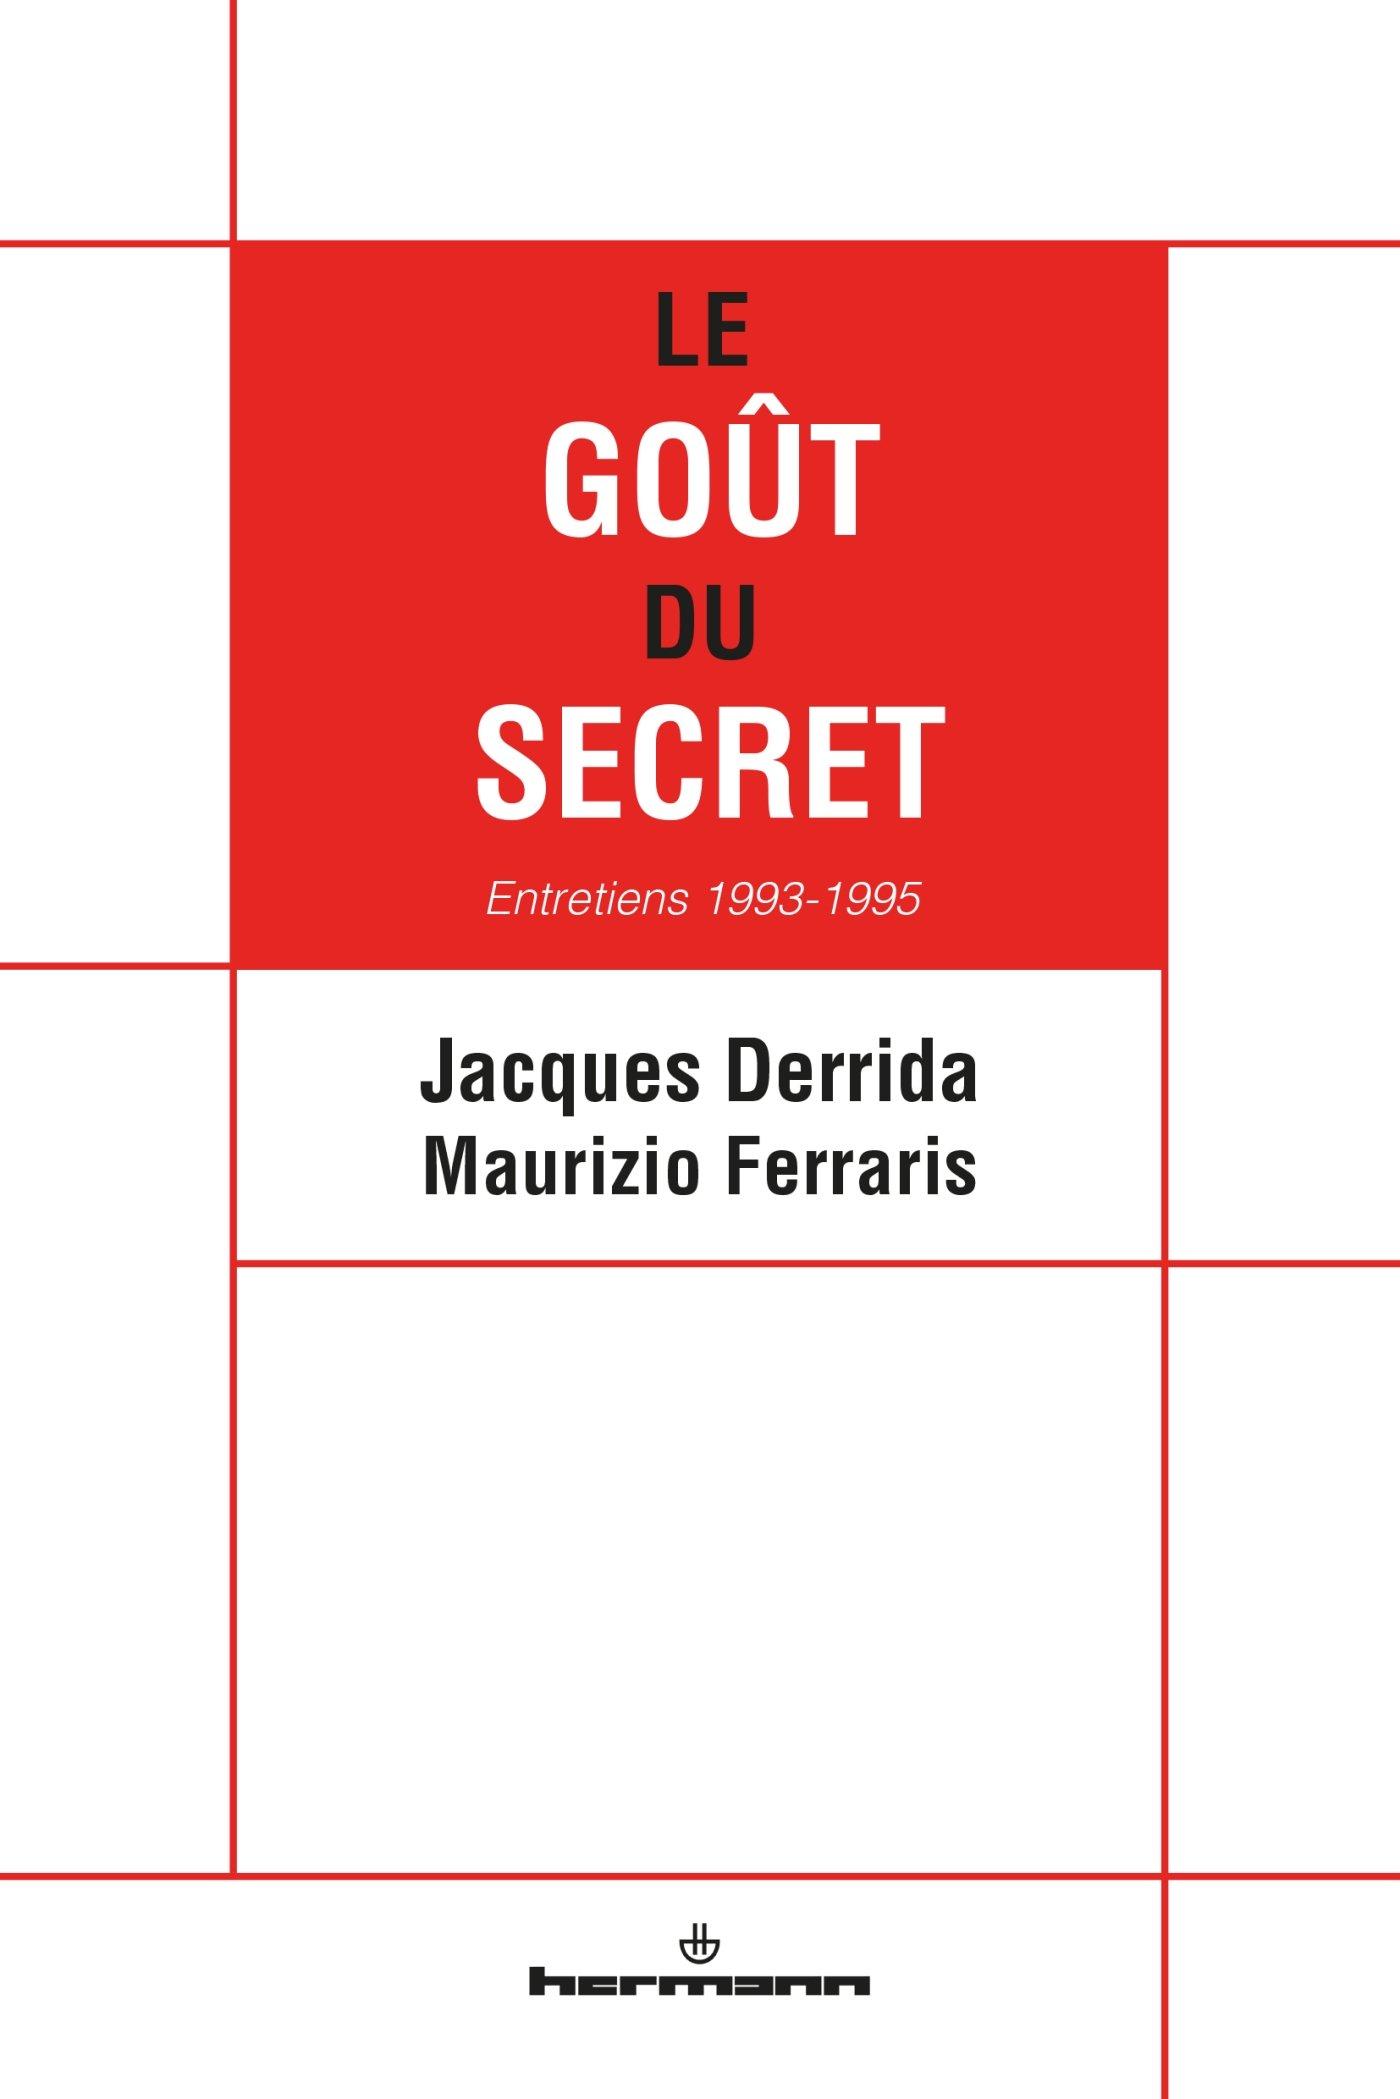 Le goût du secret - Maurizio Ferraris et Jacques Derrida